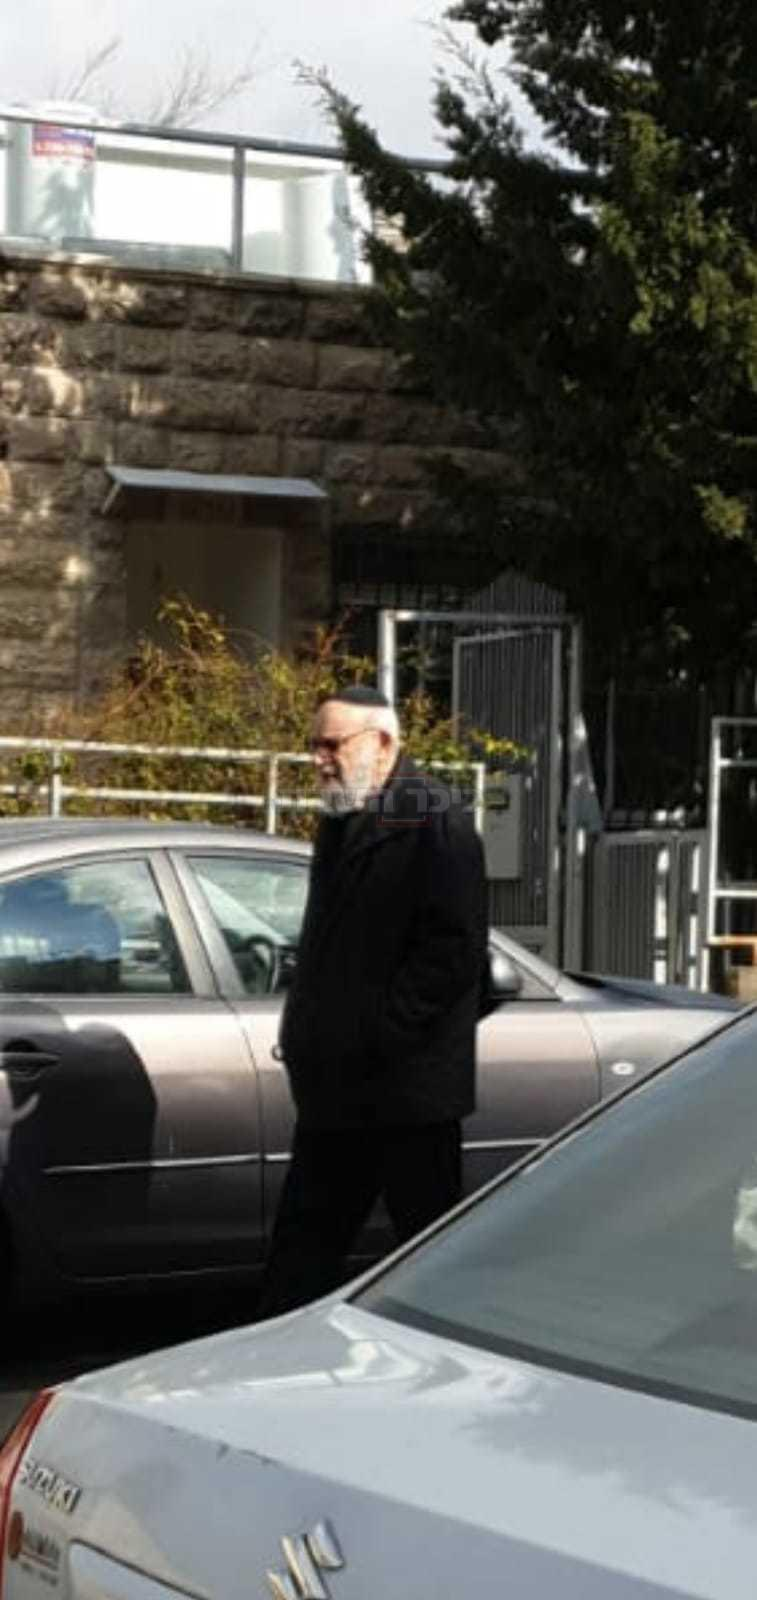 הפרופ' דוד רוזנטל בשכונת גבעת המבתר